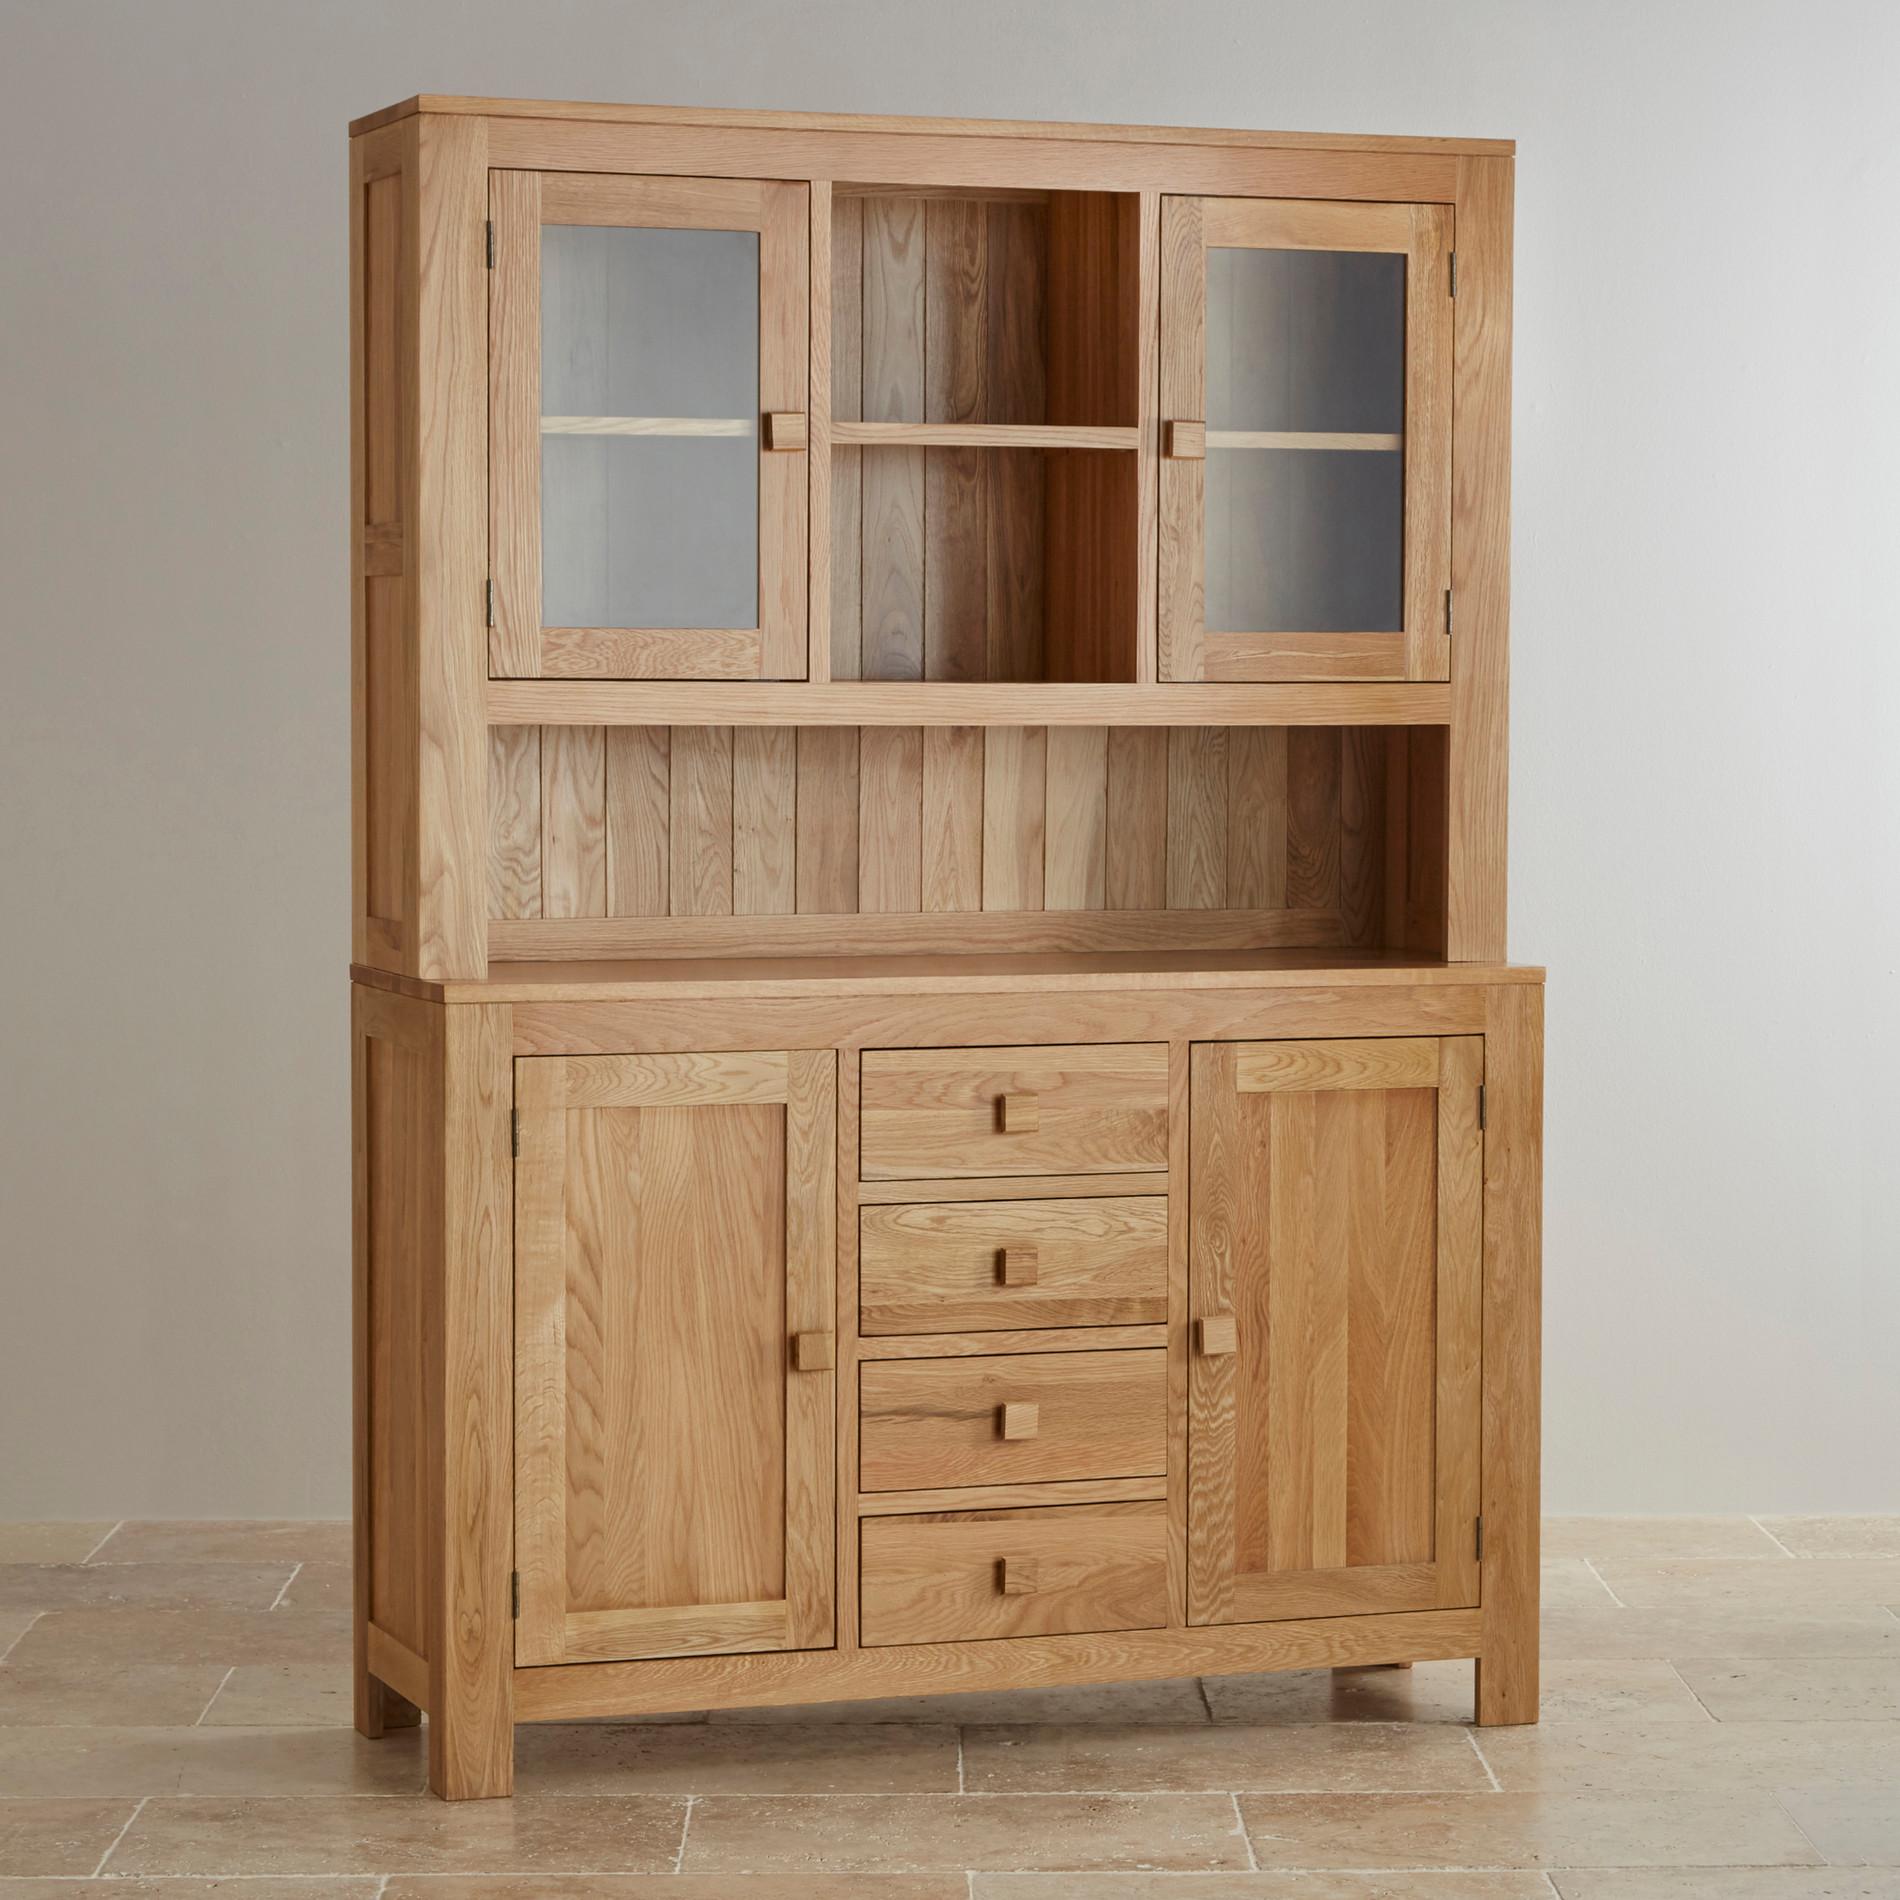 Oakdale Large Welsh Dresser In Natural Solid Oak